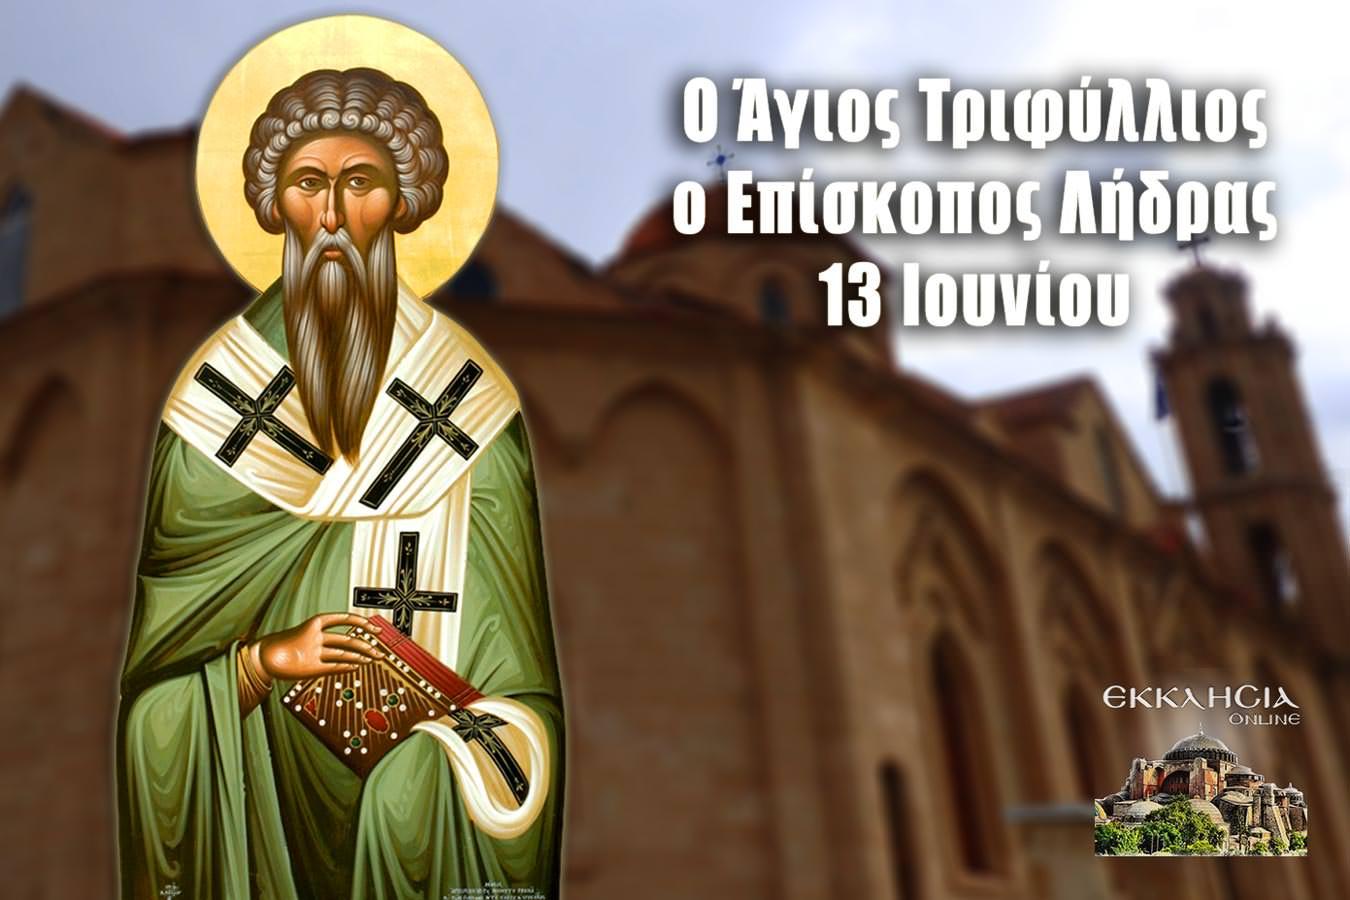 Άγιος Τριφύλλιος Λήδρας 13 Ιουνίου